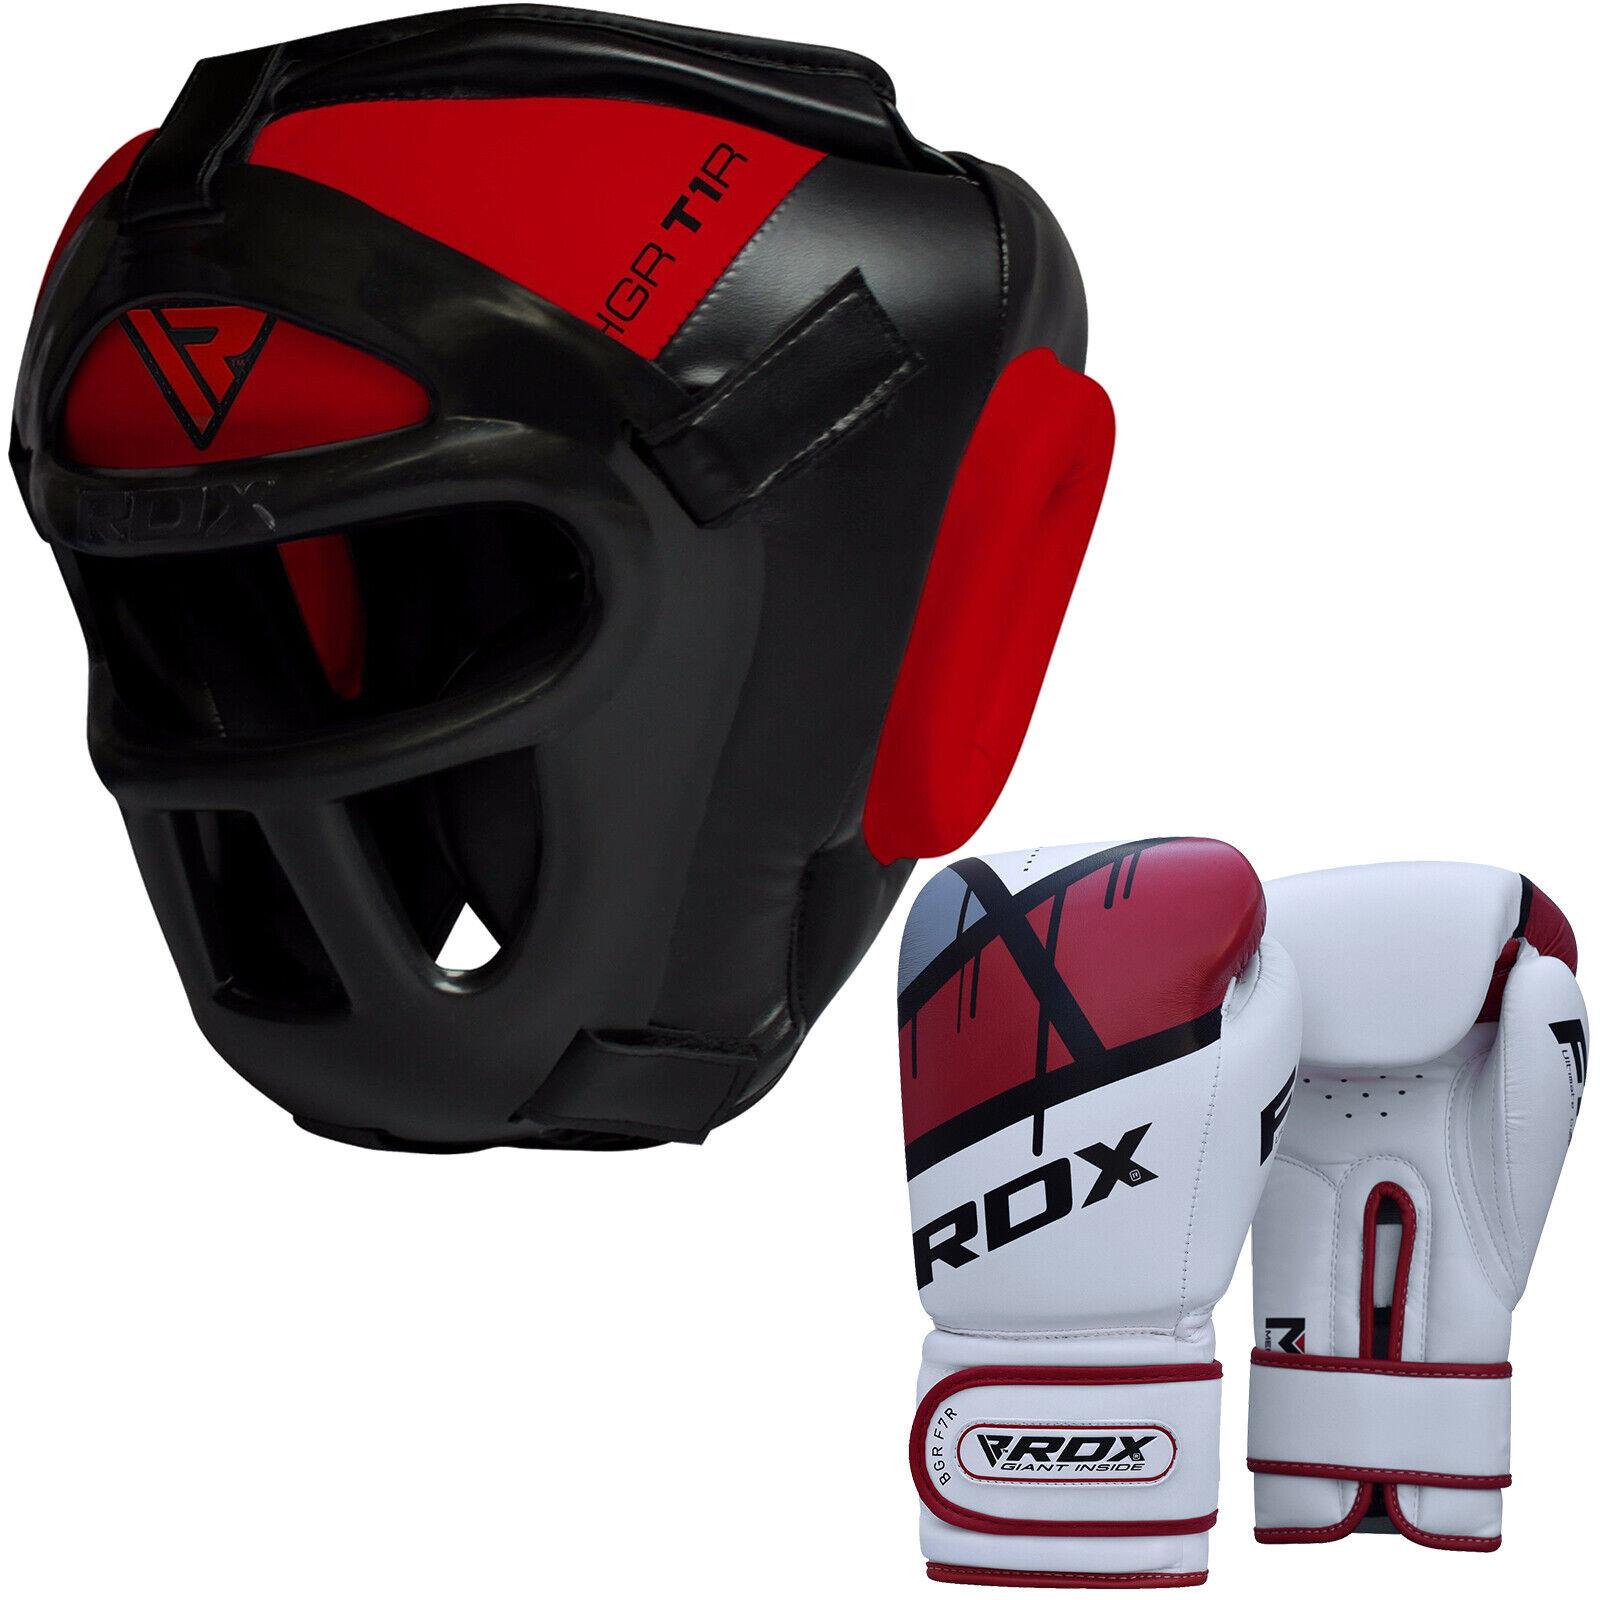 RDX Testa Guardia Boxe Set con la Boxe Guanto Boxe MMA Formazione Prossoettore